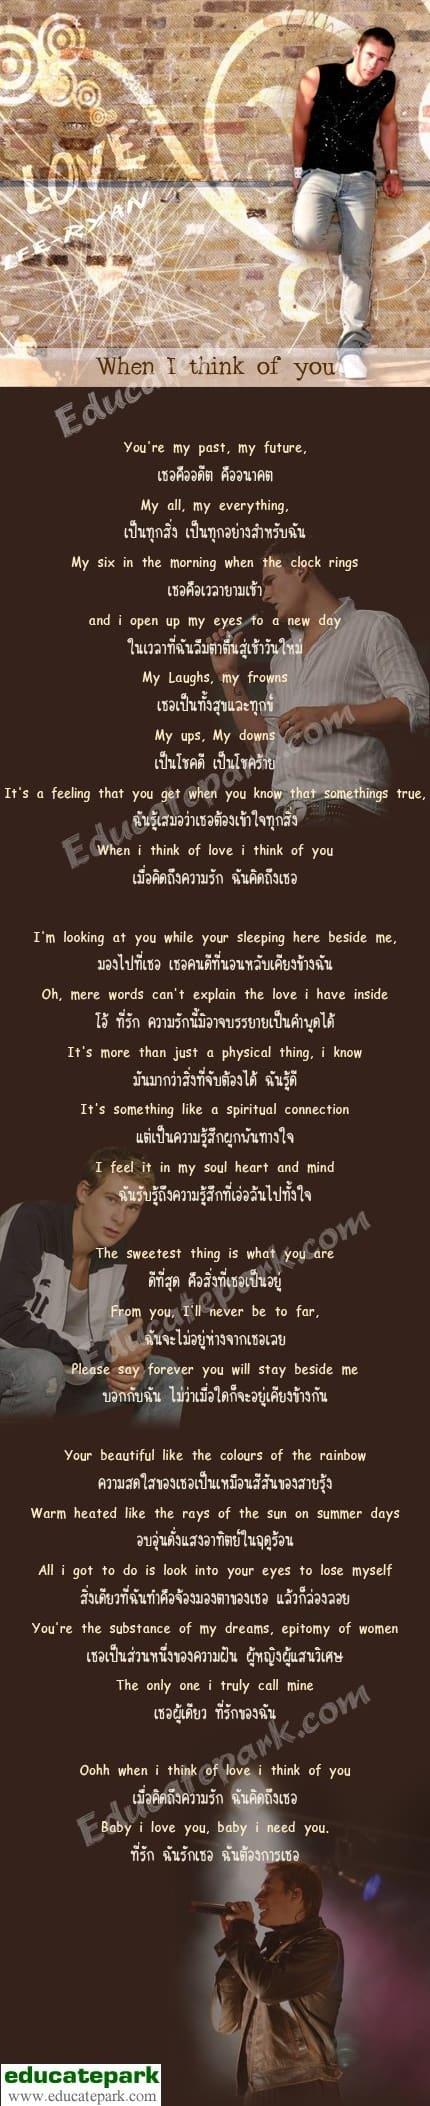 แปลเพลง When I Think Of You - Lee Ryan